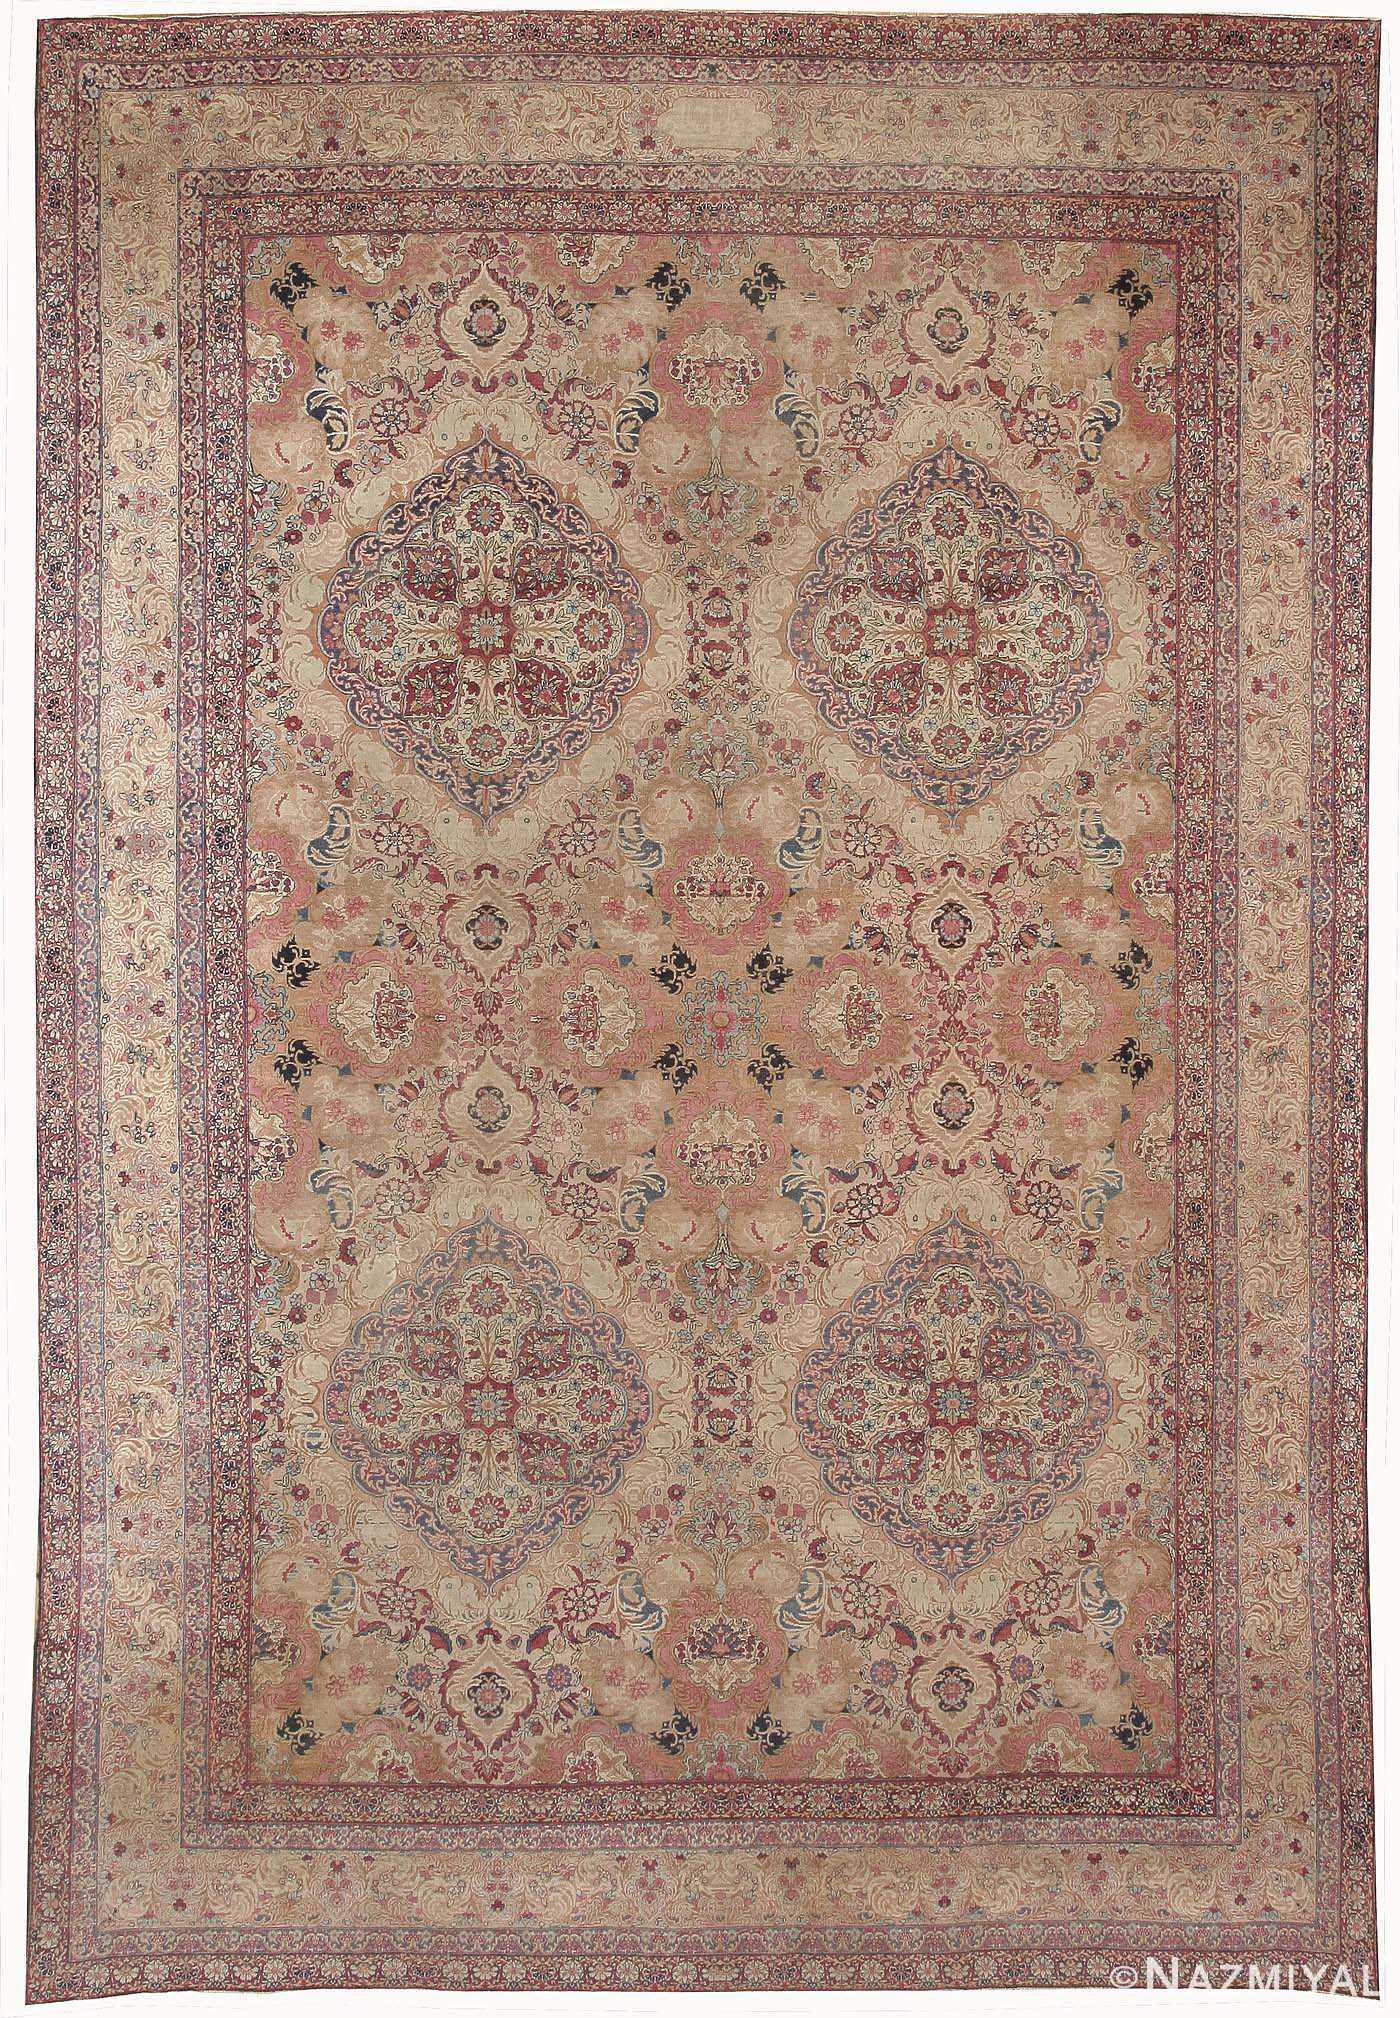 Antique Kerman Persian Rug 42487 Nazmiyal